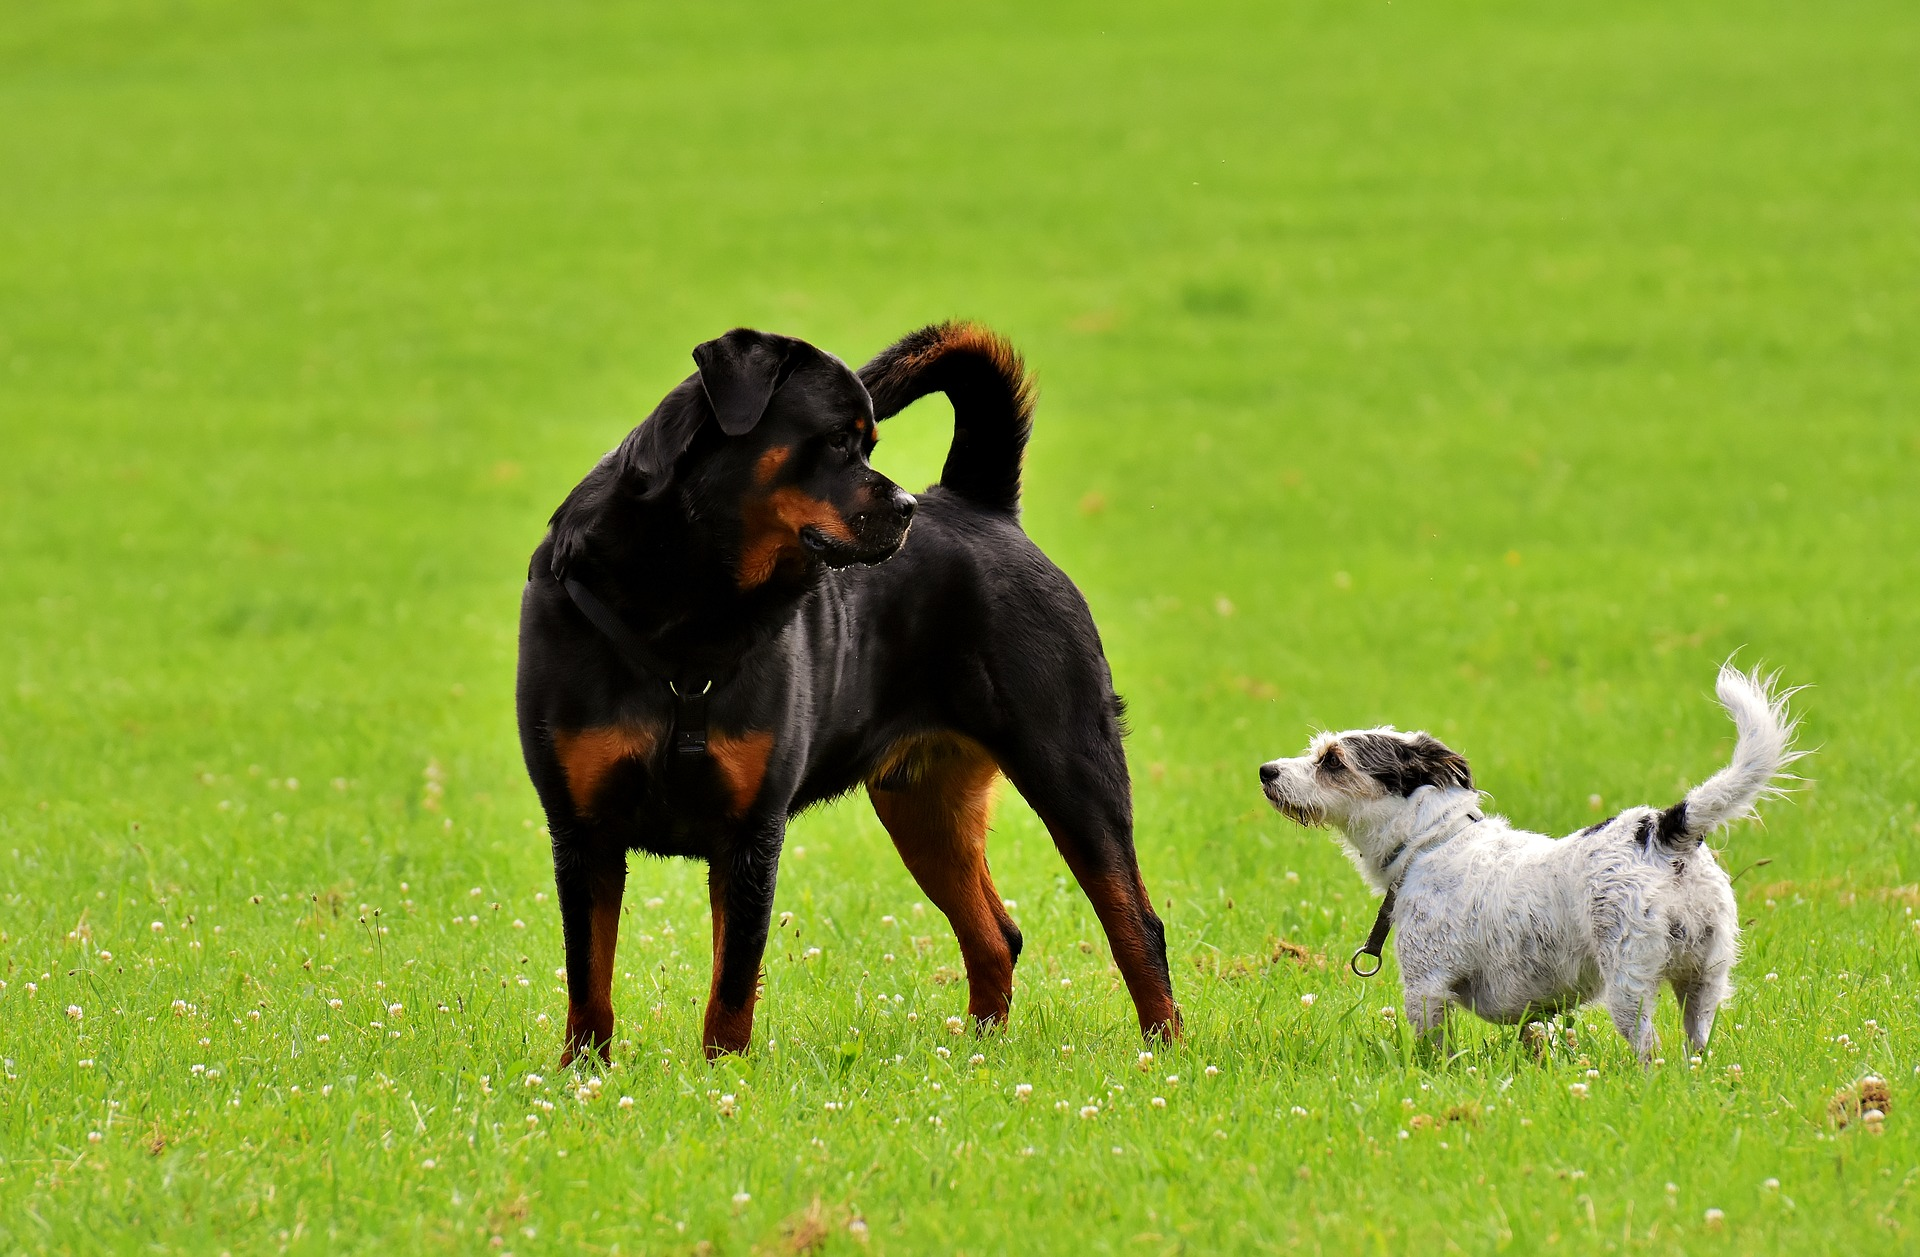 Gevaarlijke hondenrassen - rottweiler trainen